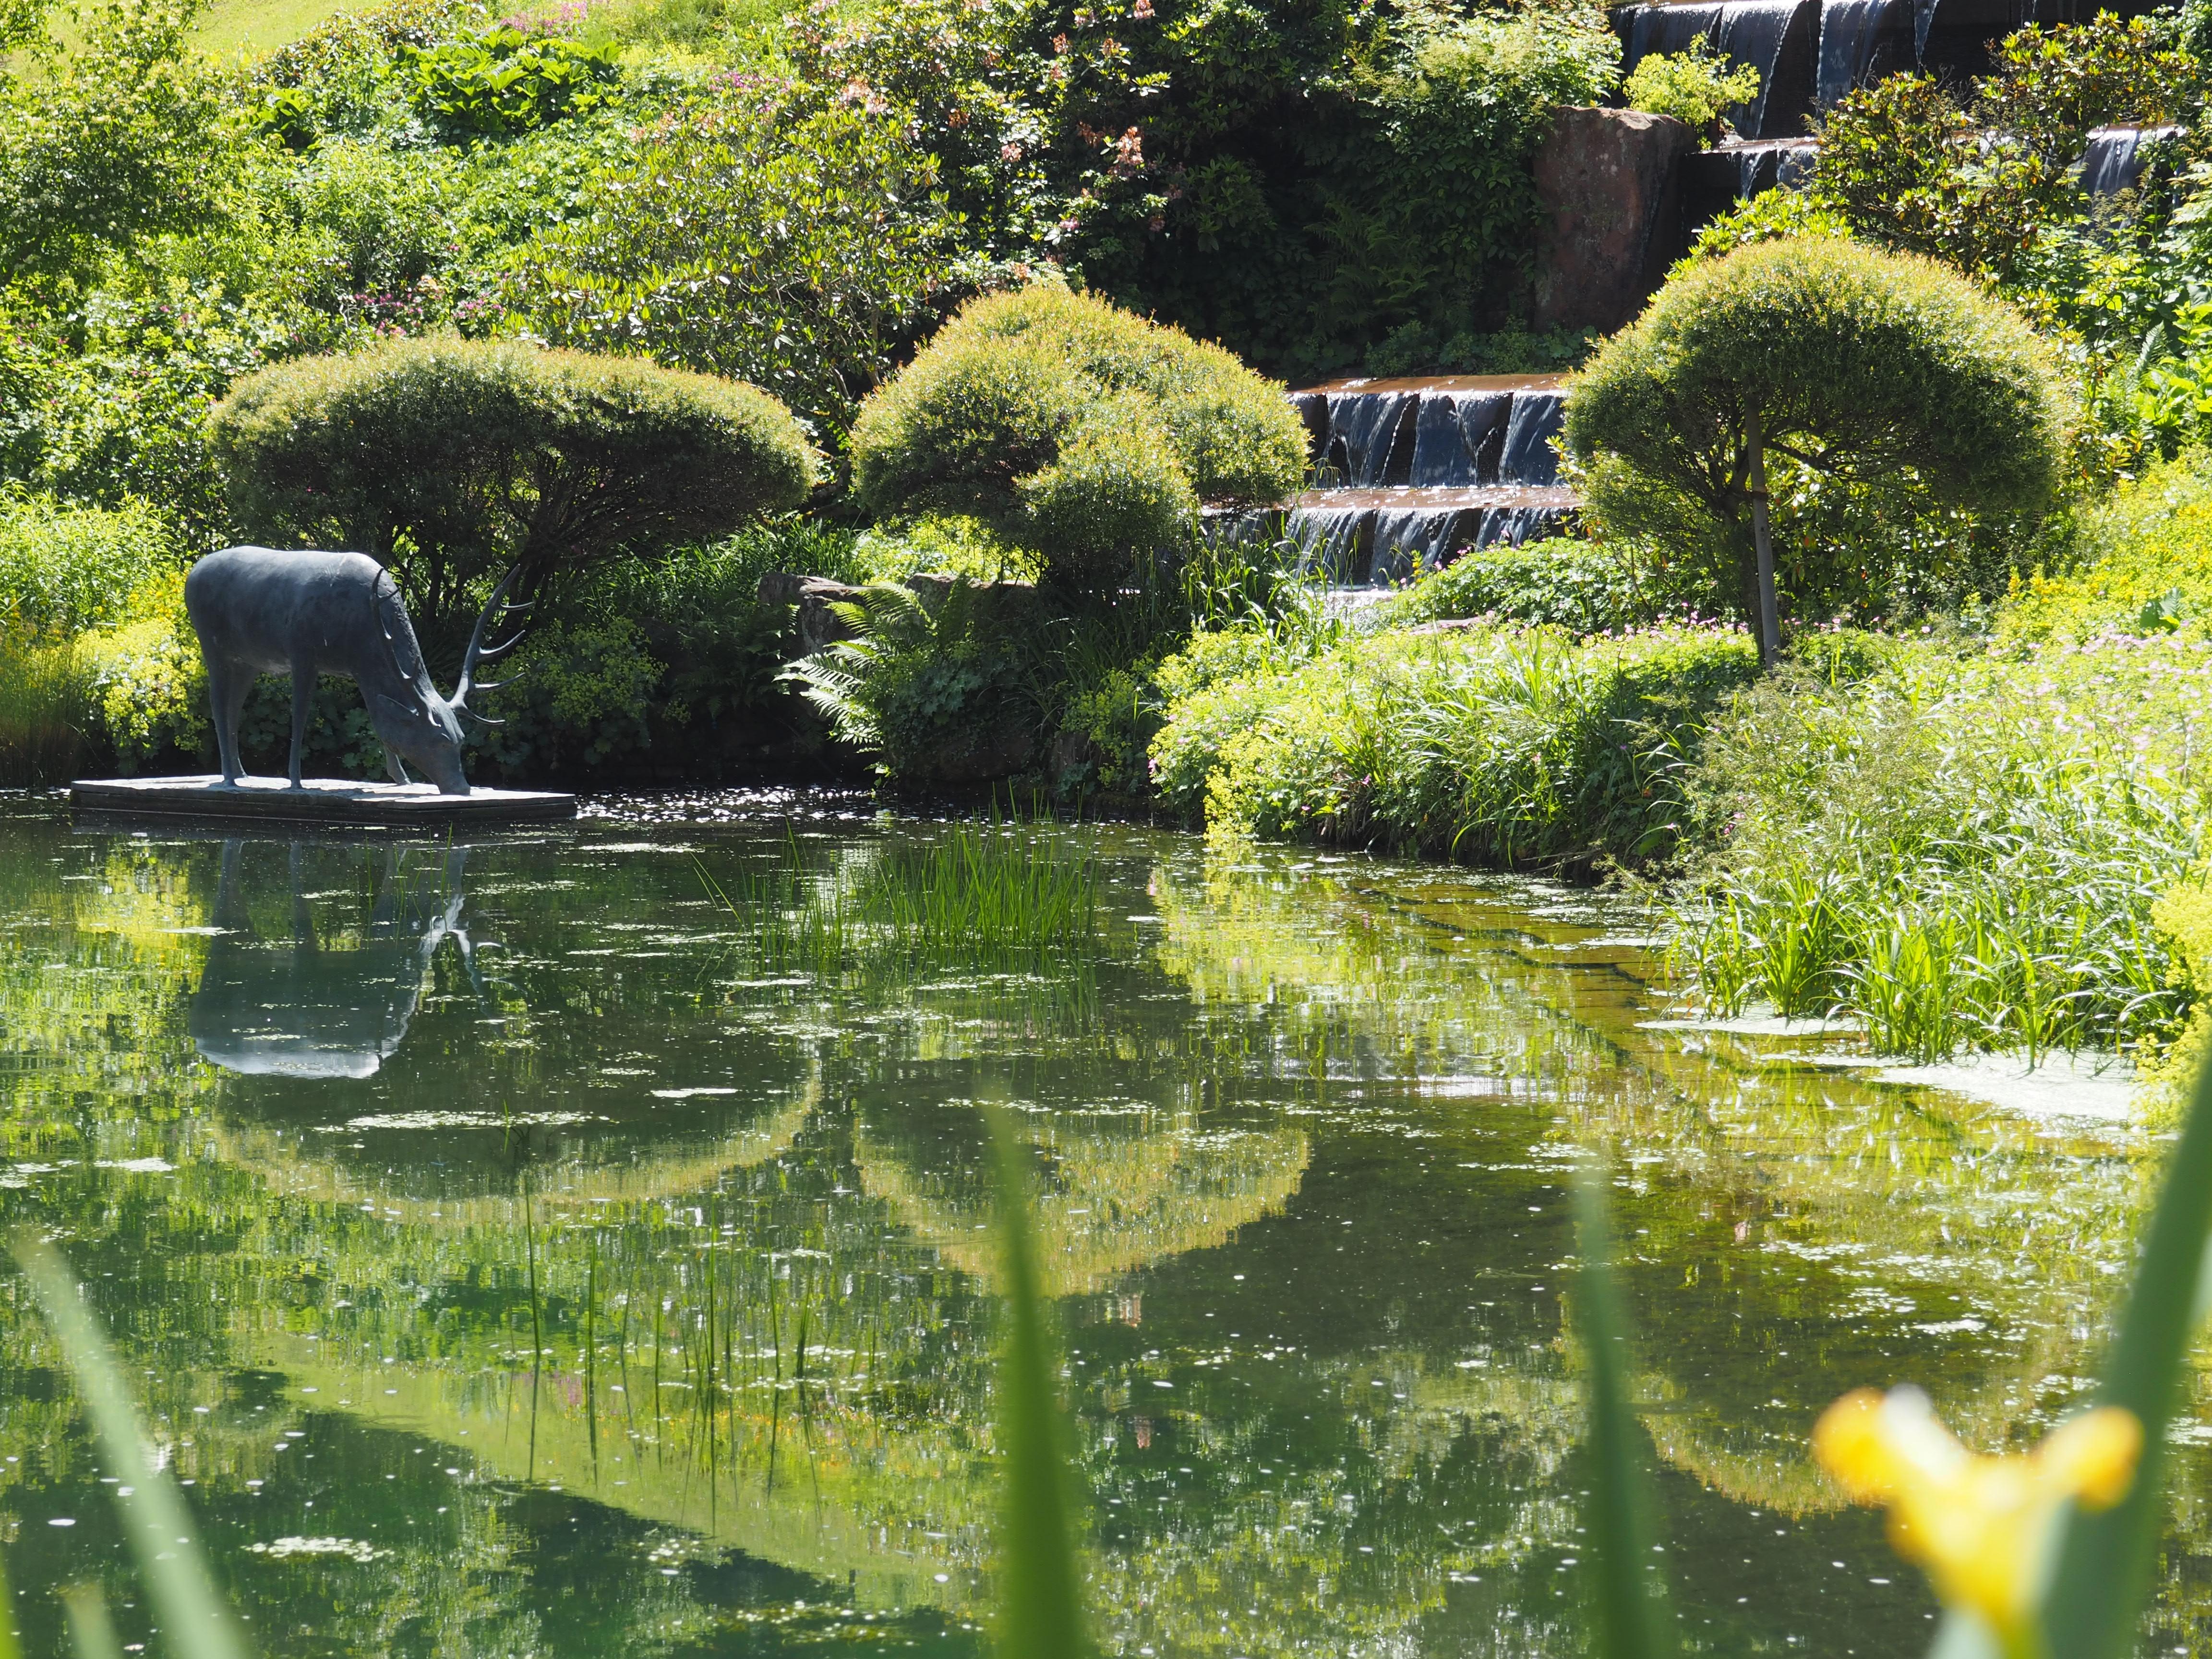 Der Legende nach hat dieser Hirsch im Kurpark von Bad Teinach die heilenden Quellen des Teinachtales entdeckt.